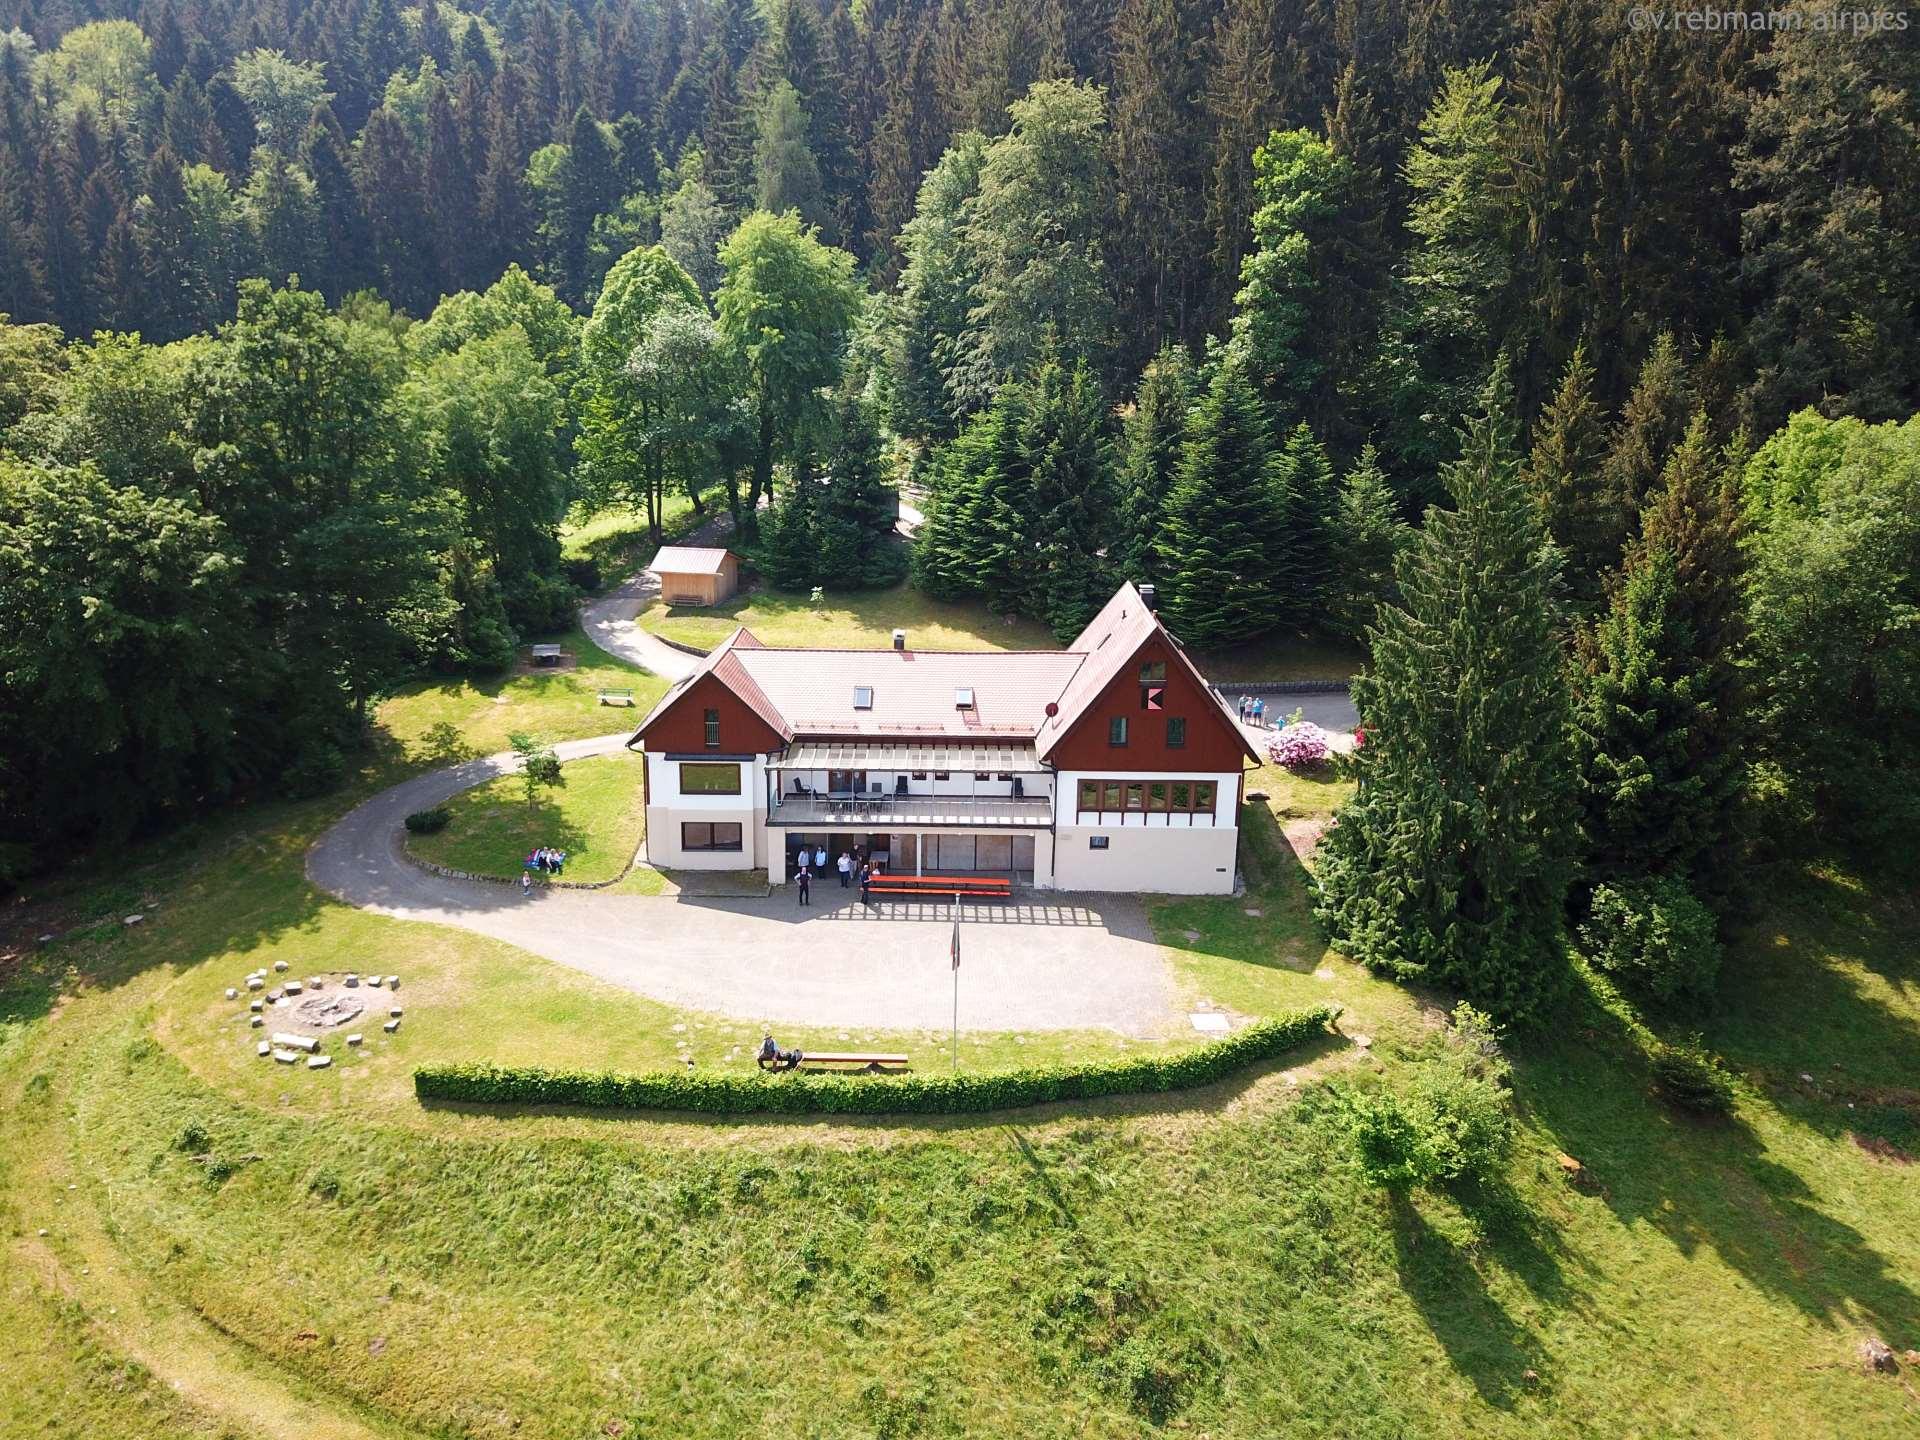 Hangsicht auf das Kolpinghaus Weisenbach